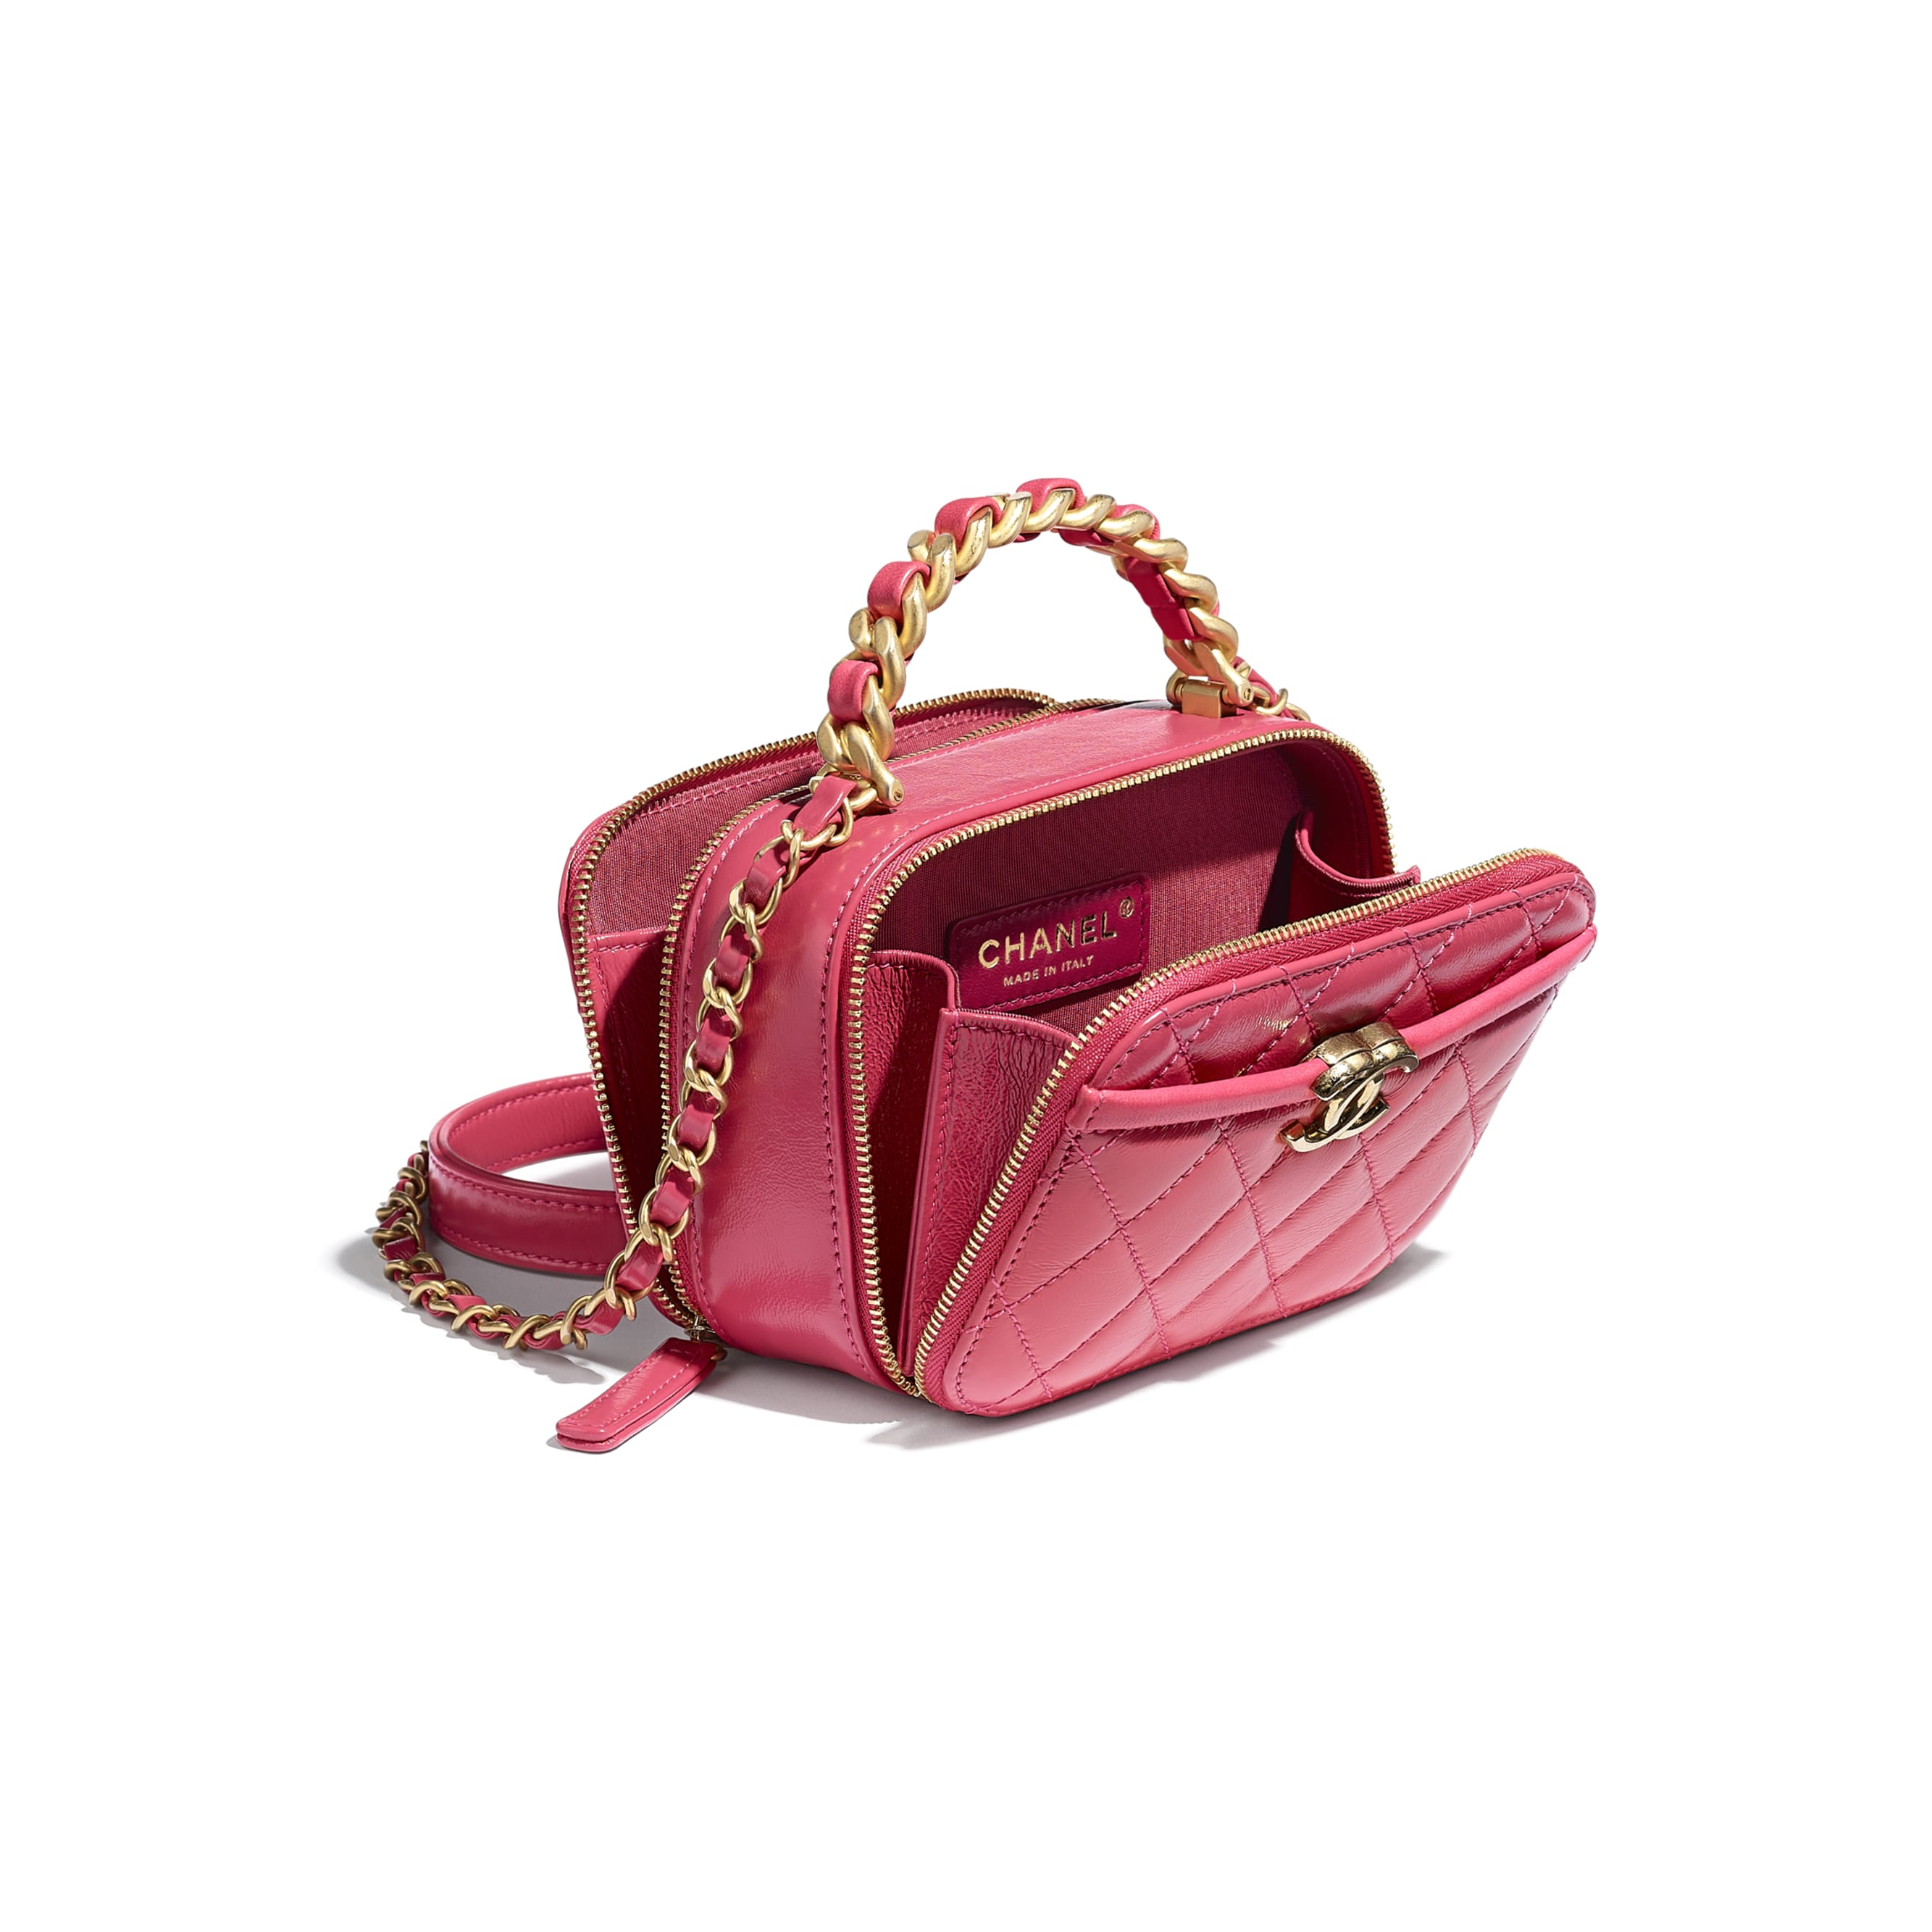 Petit sac vanity - Rose - Agneau, veau froissé brillant & métal doré - CHANEL - Autre vue - voir la version taille standard